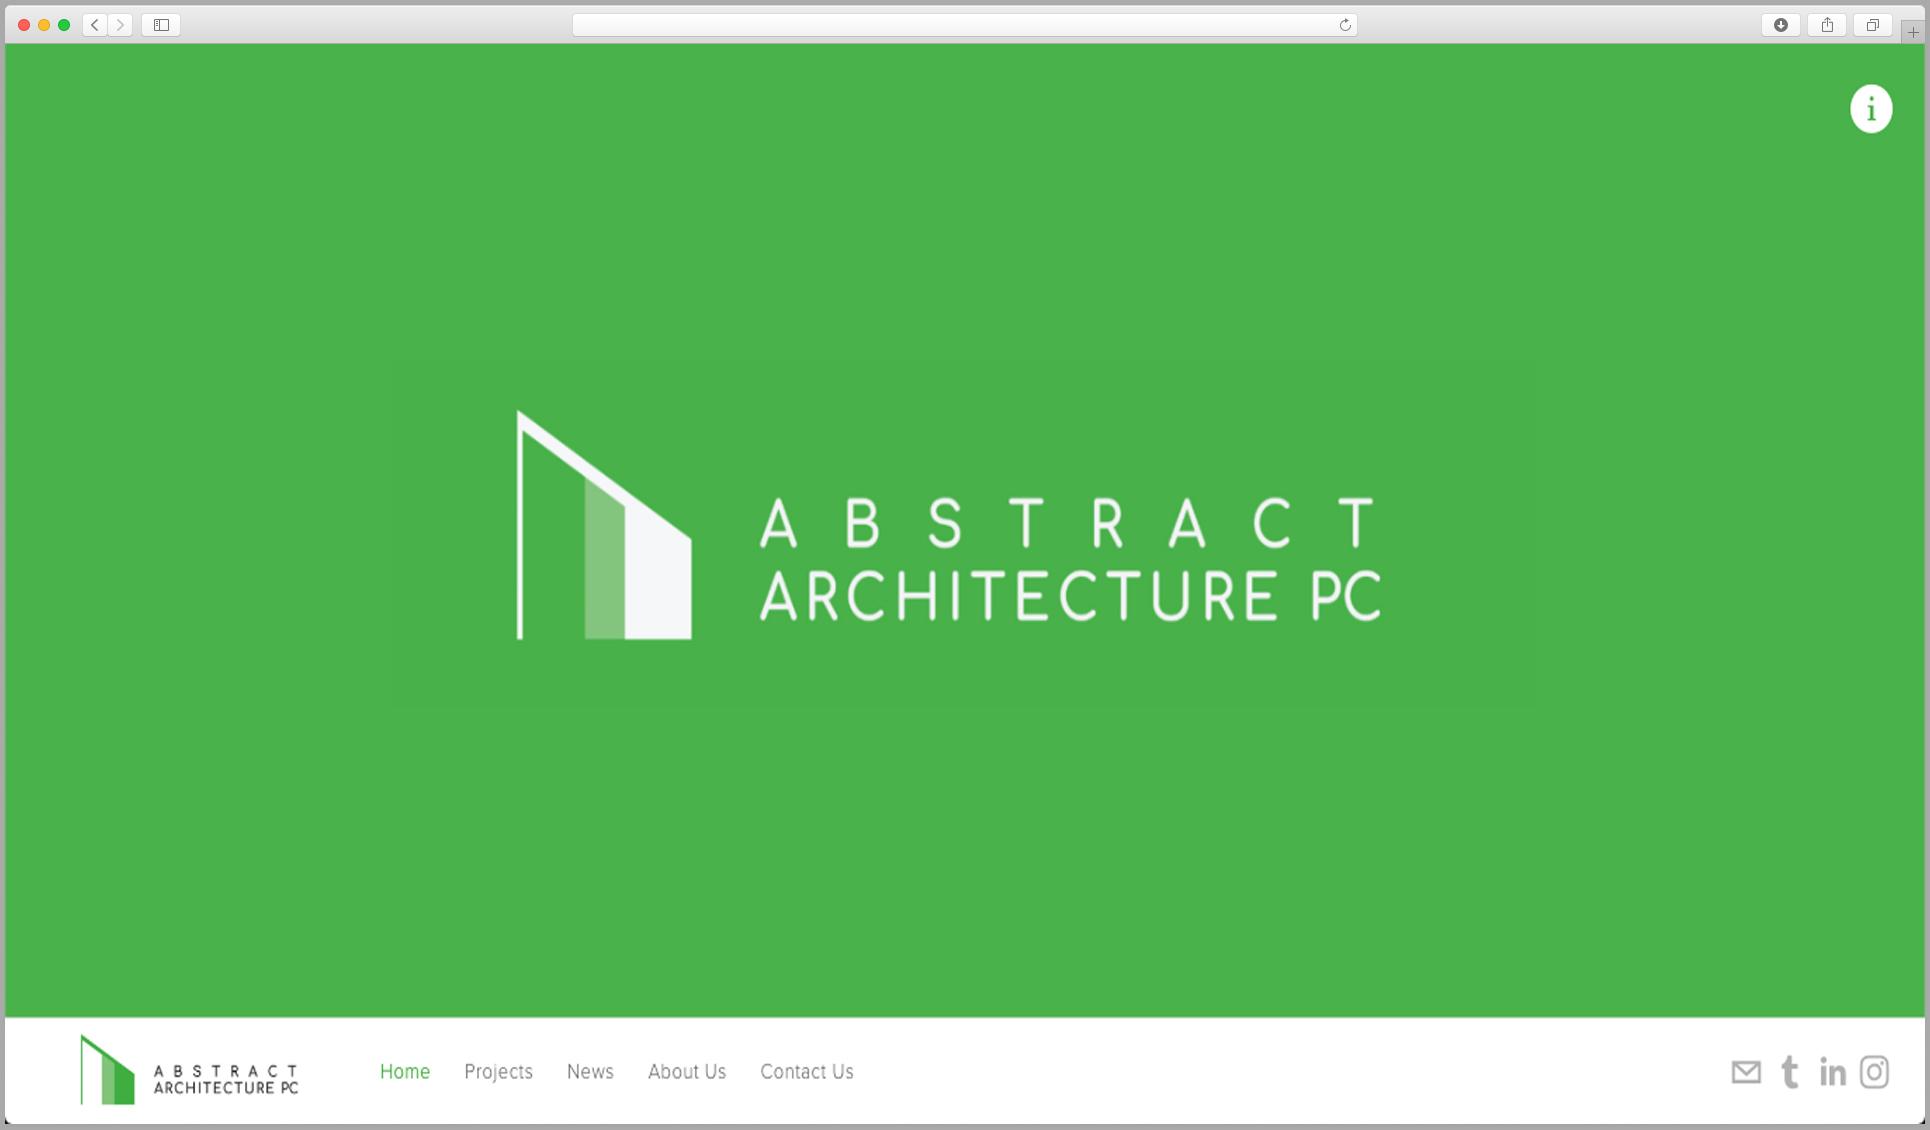 Safari_Abs Arch 01.jpg